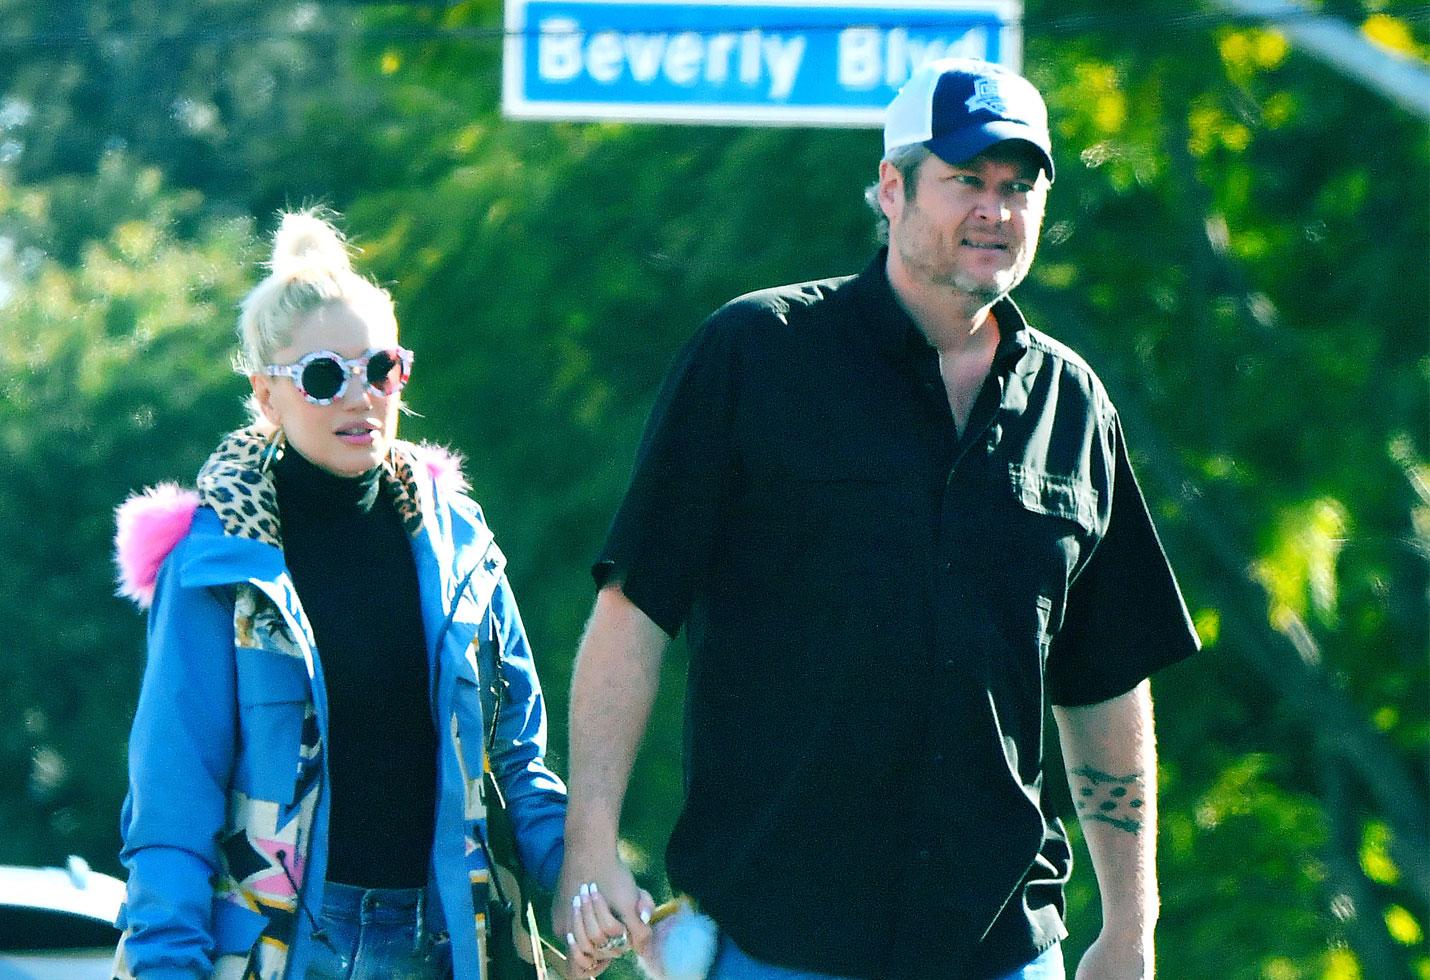 Blake Shelton And Gwen Stefani Wedding Pictures.Gwen Stefani Blake Shelton Head To Church Amid Wedding Rumors